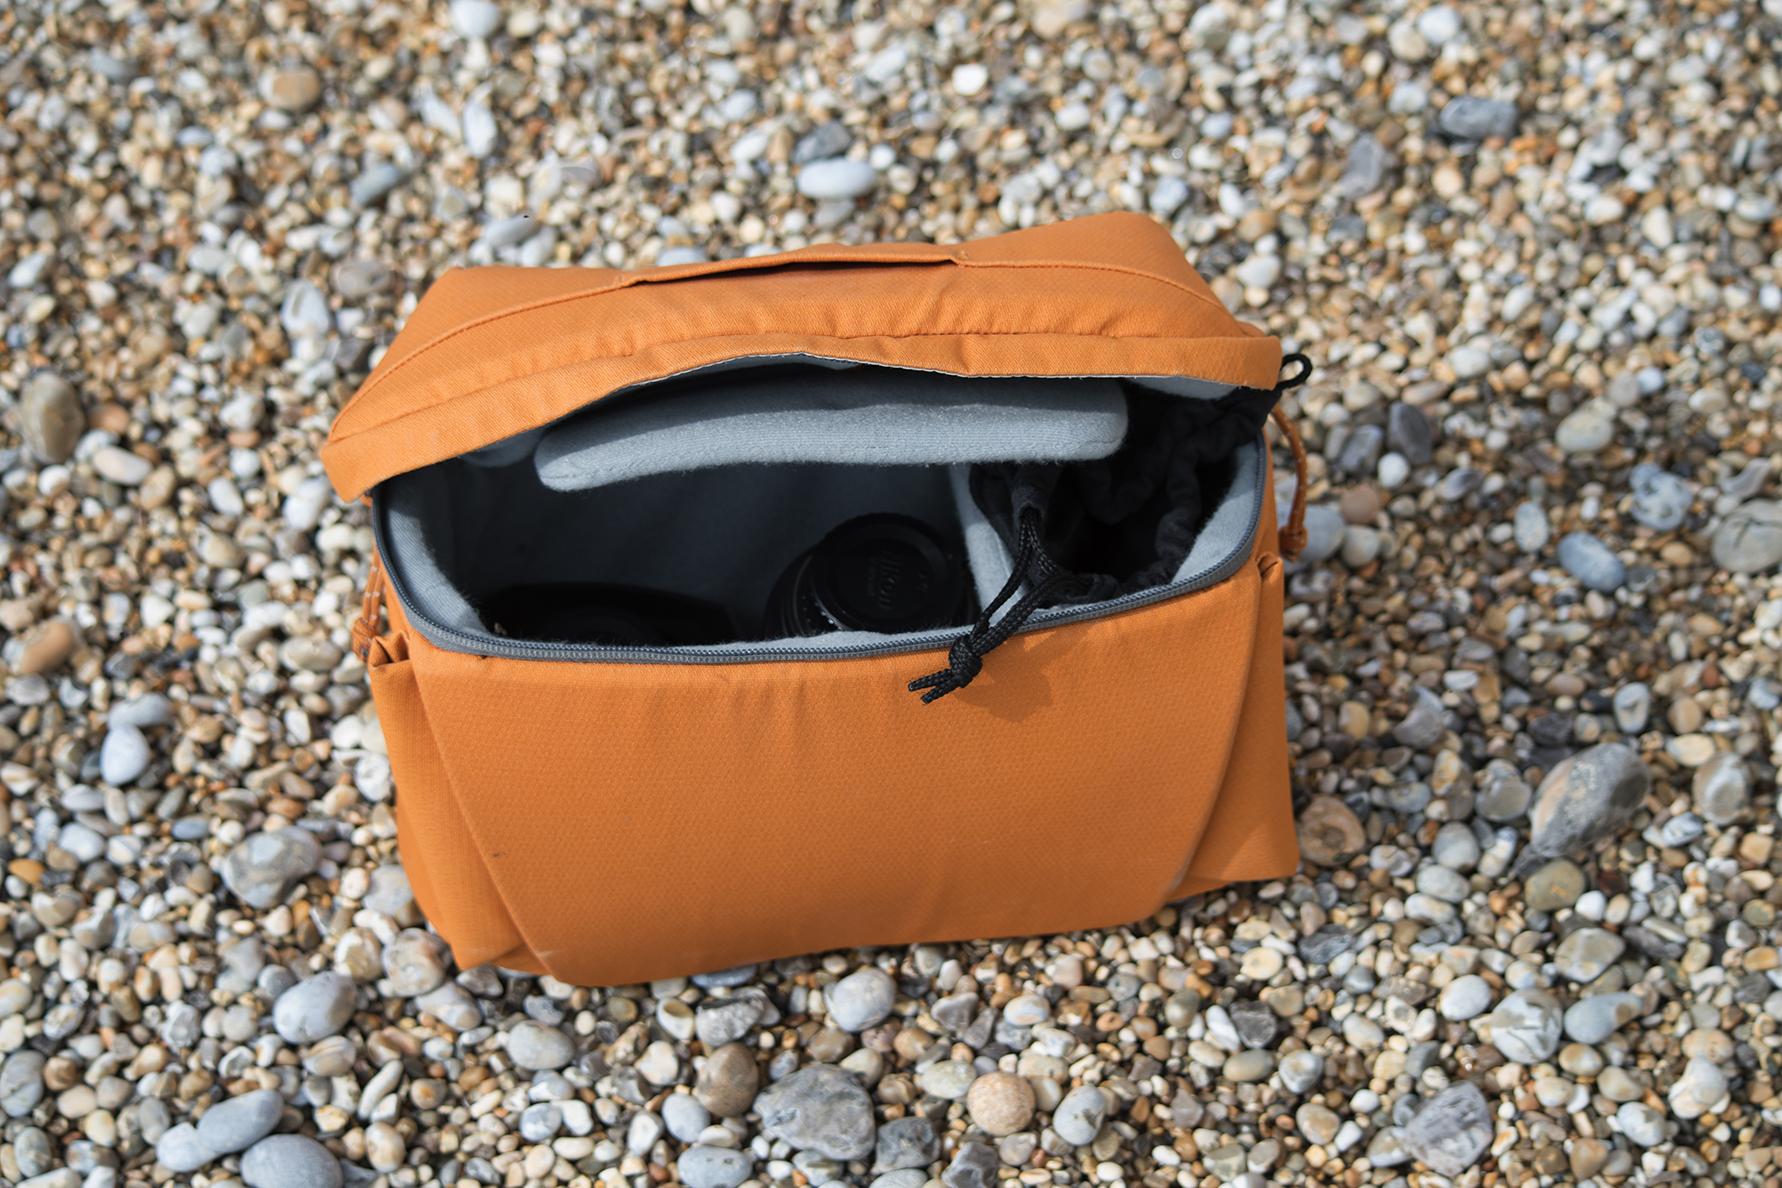 Millican Camera Bag Insert